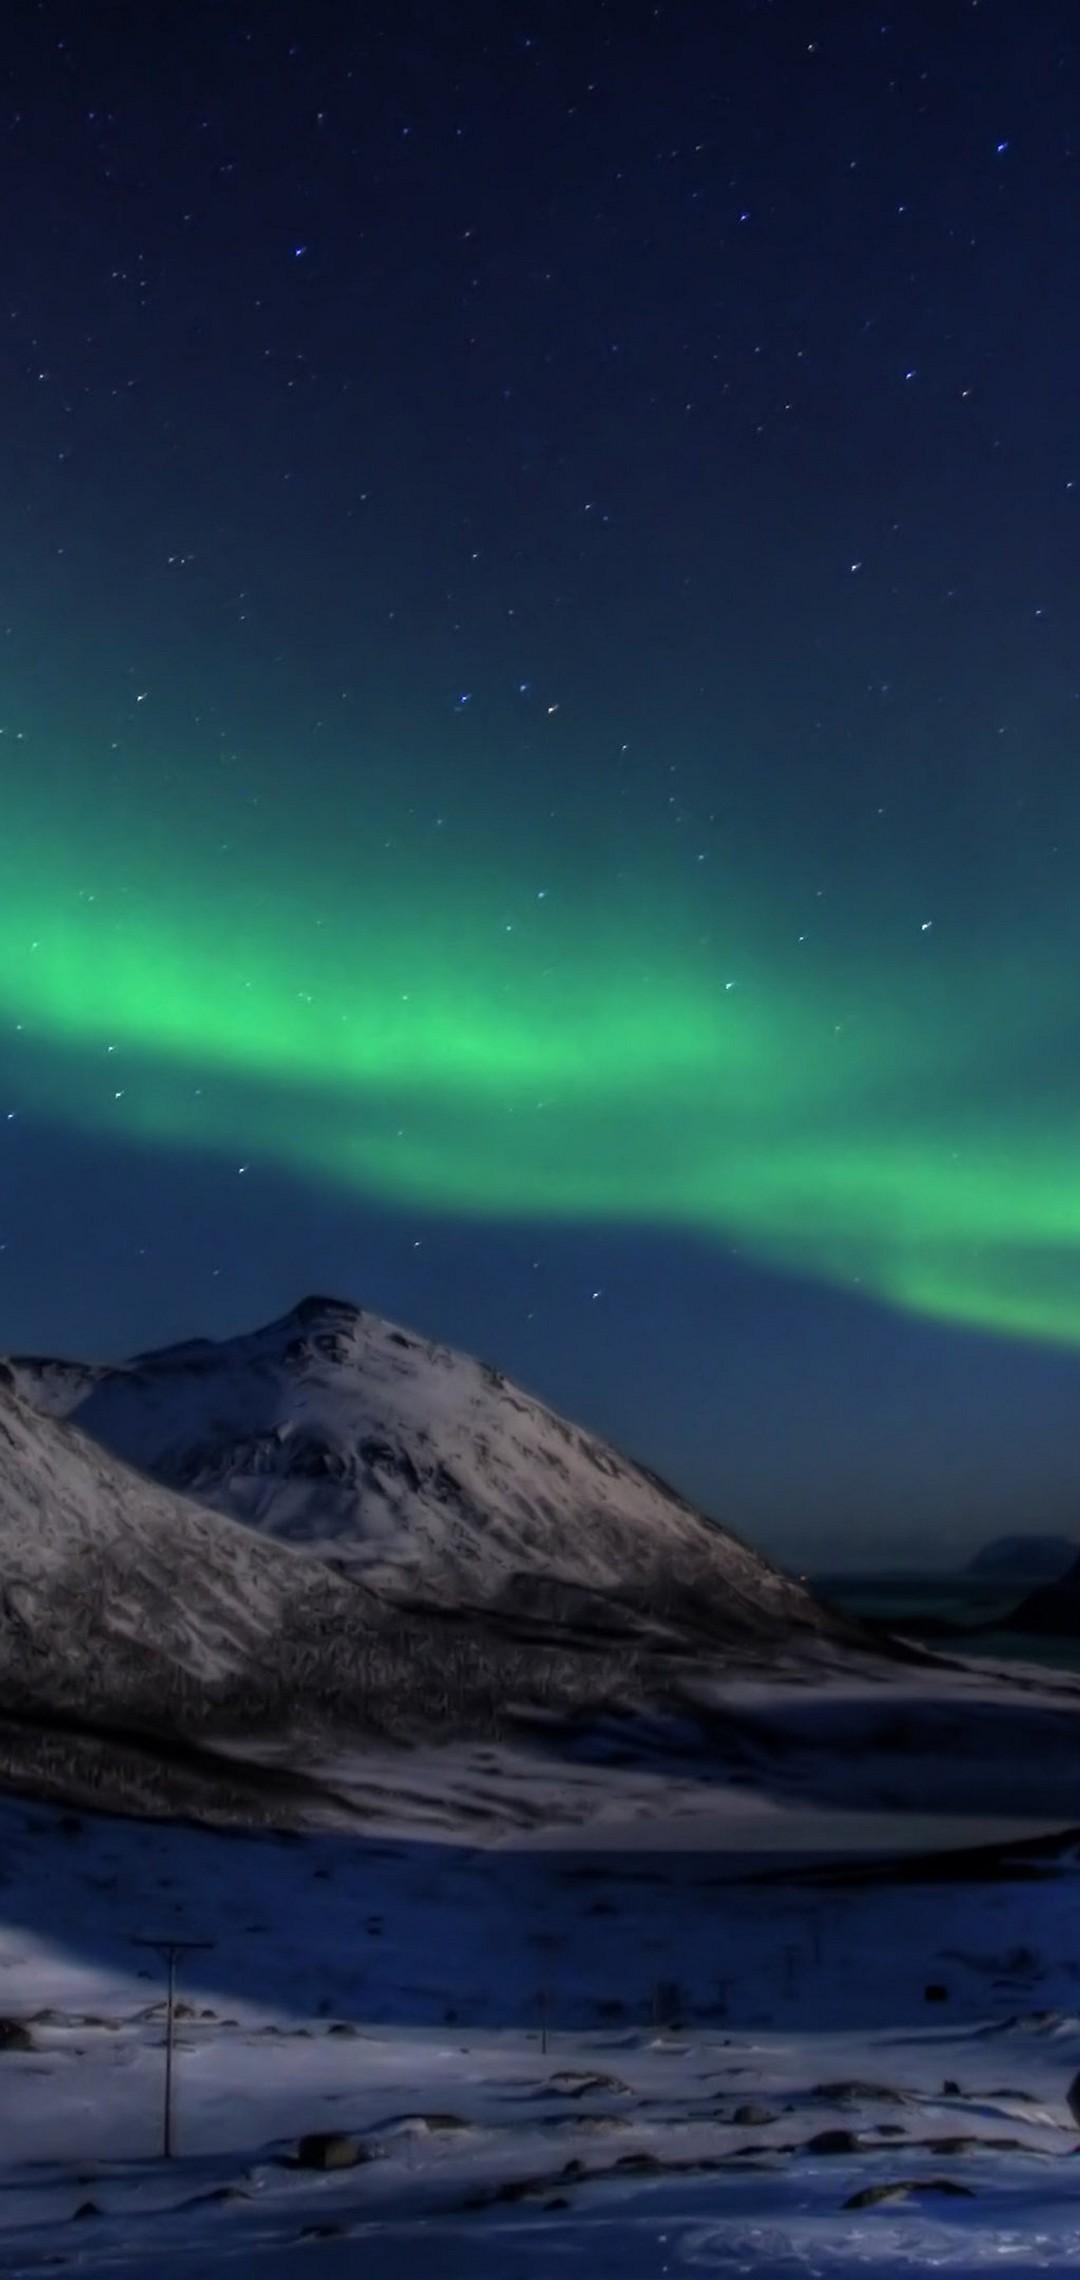 Aurora borealis wallpaper 1080x2280 - 1080 x 1080 background ...